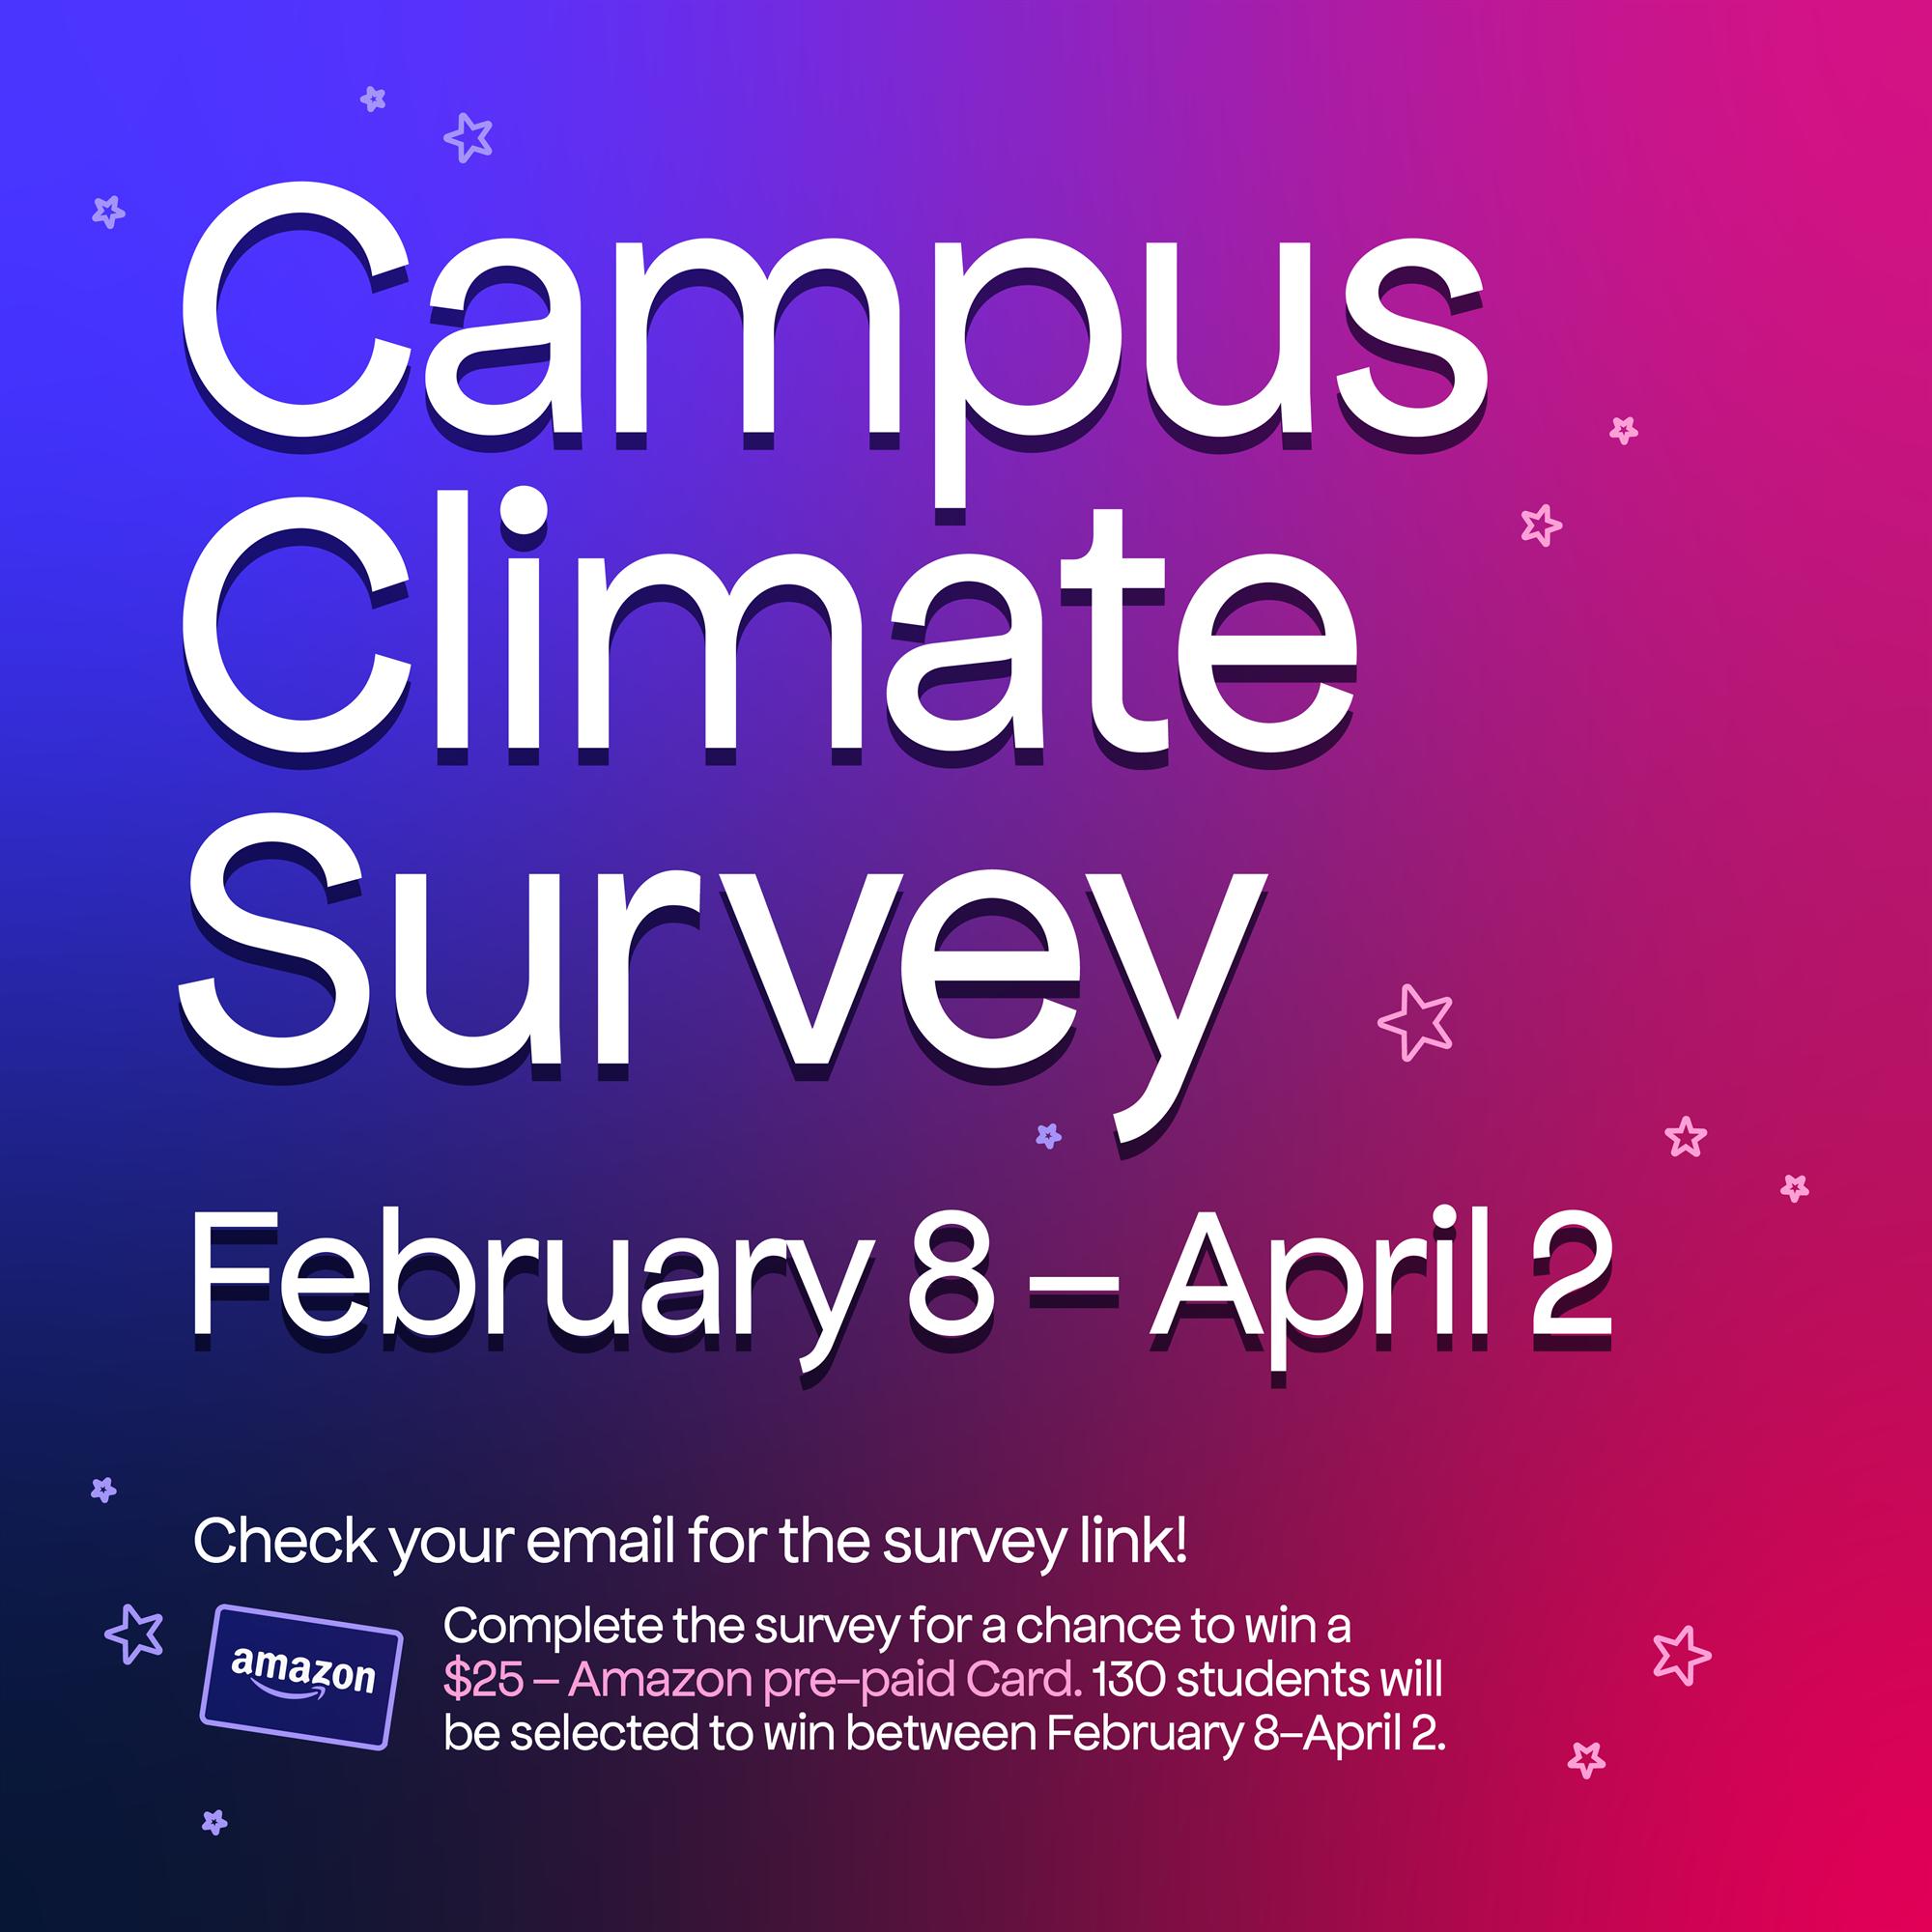 Campus Climate Survey